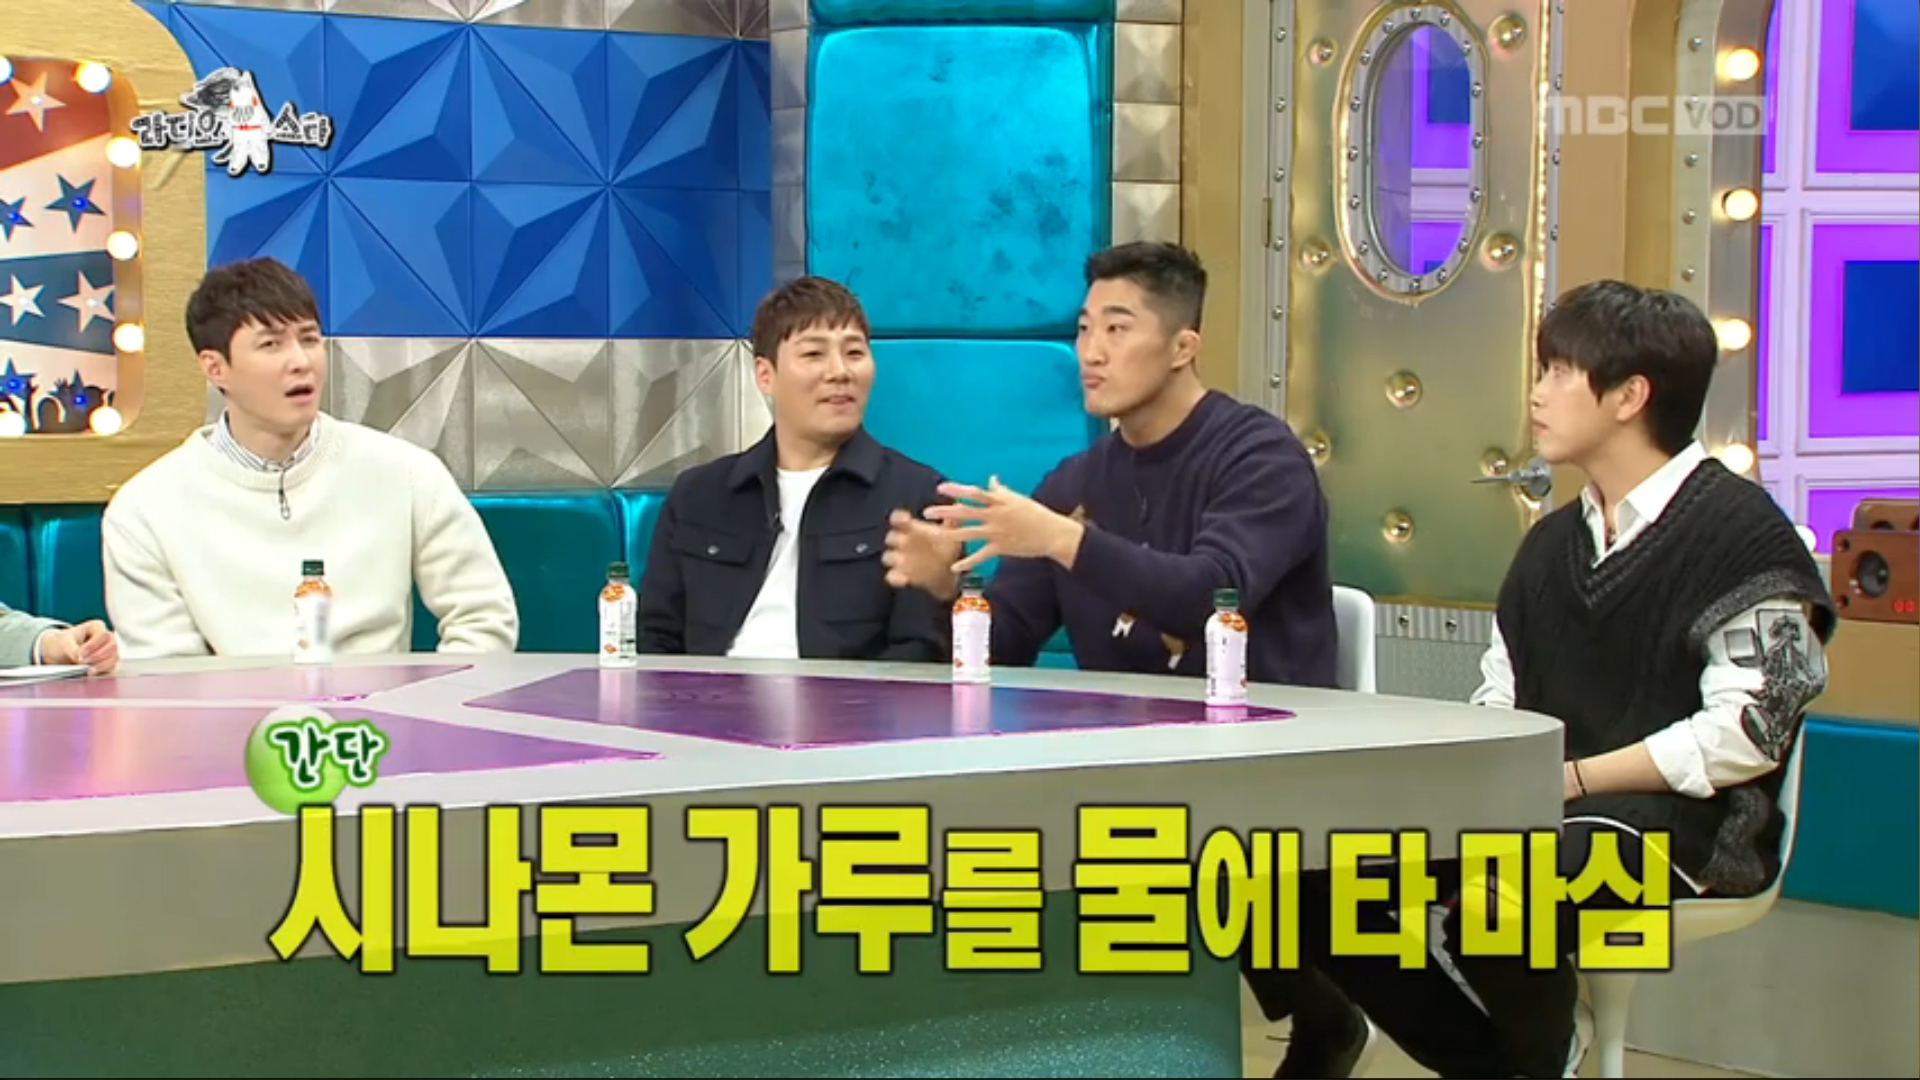 [TV톡] TV속 프로 다이어터의 최신 정보 업데이트! (feat. 김동현, 김신영 버전 꿀팁대방출)